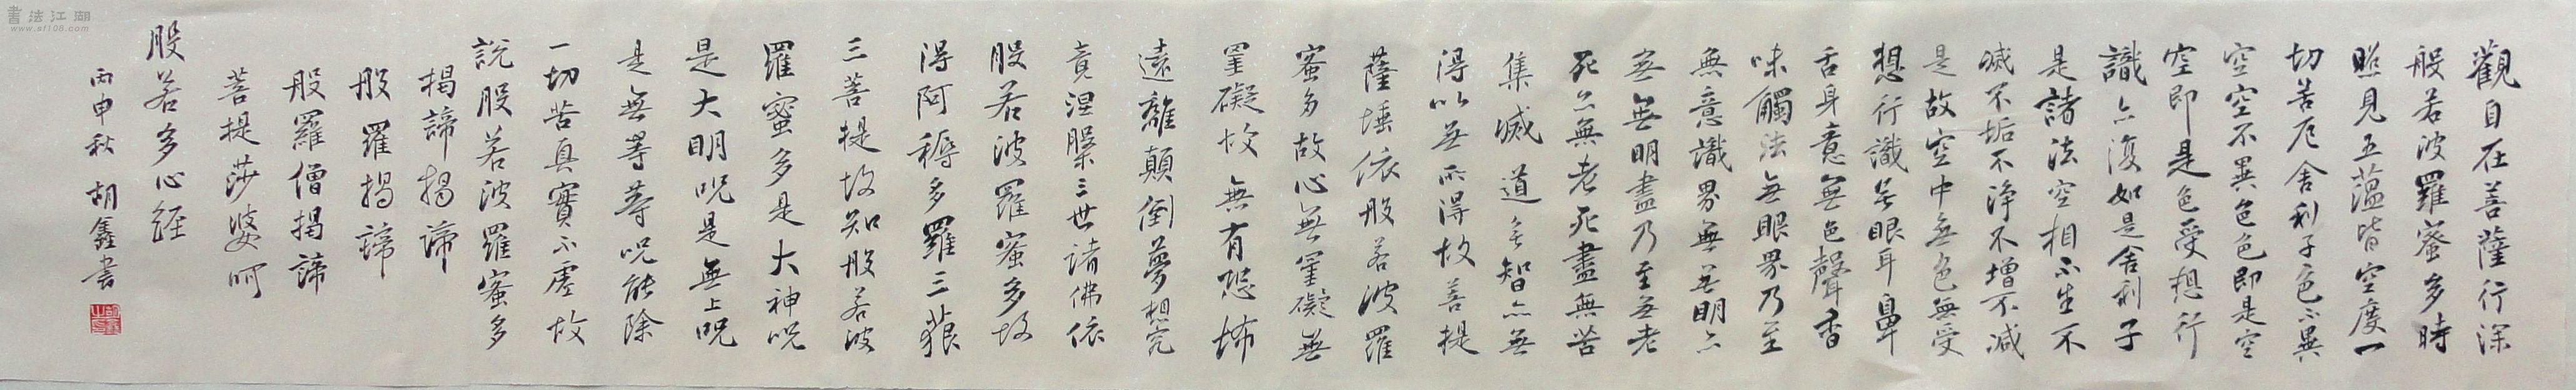 001-9-3 心经 《般若波罗蜜多心经》02.JPG